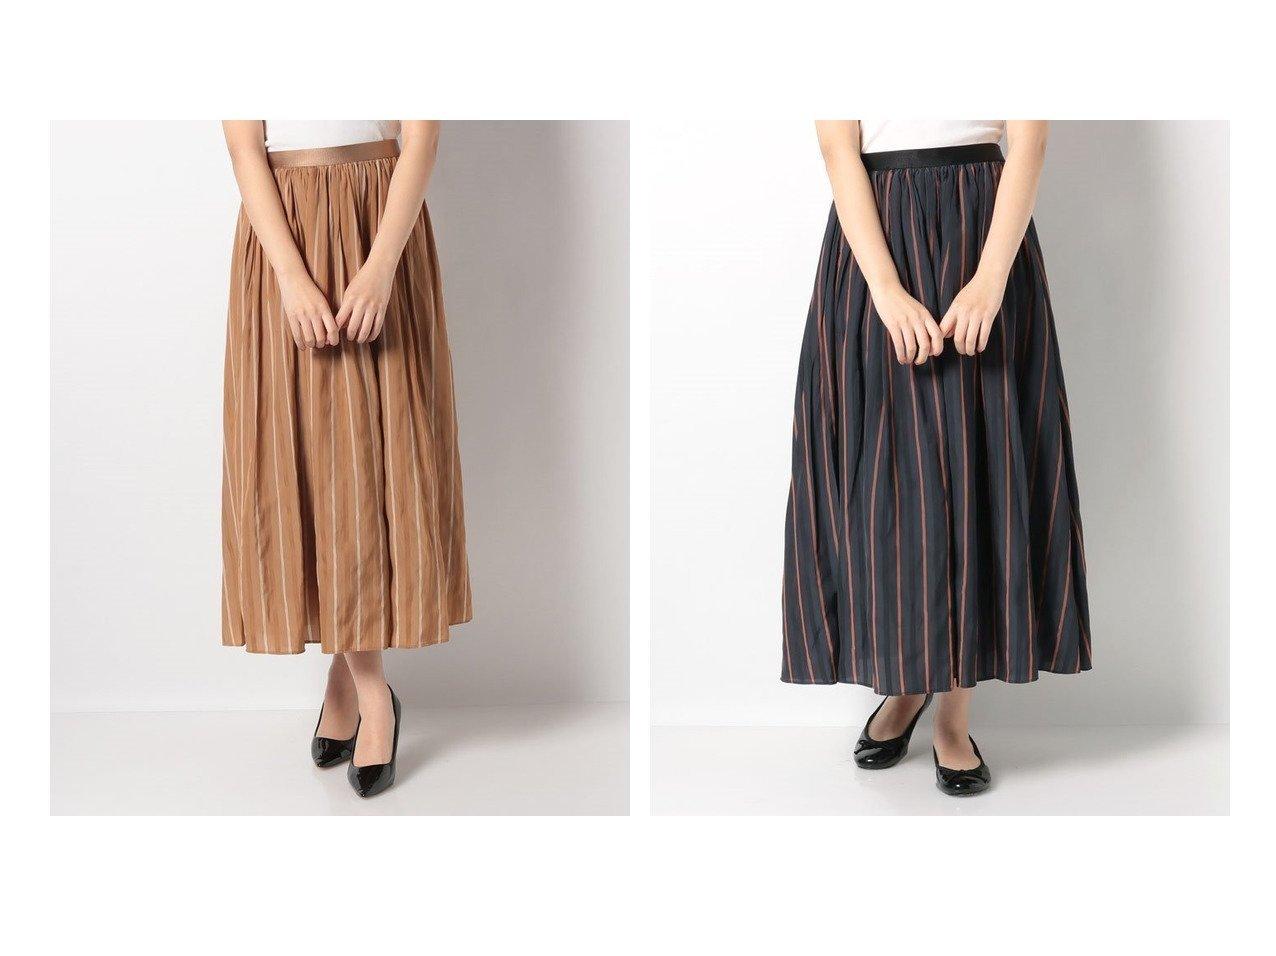 【en recre/アン レクレ】の【BEATRICE】配色ストライプロングスカート スカートのおすすめ!人気、トレンド・レディースファッションの通販 おすすめで人気の流行・トレンド、ファッションの通販商品 メンズファッション・キッズファッション・インテリア・家具・レディースファッション・服の通販 founy(ファニー) https://founy.com/ ファッション Fashion レディースファッション WOMEN スカート Skirt Aライン/フレアスカート Flared A-Line Skirts ロングスカート Long Skirt NEW・新作・新着・新入荷 New Arrivals ギャザー ストライプ フェミニン フレア ロング |ID:crp329100000016292